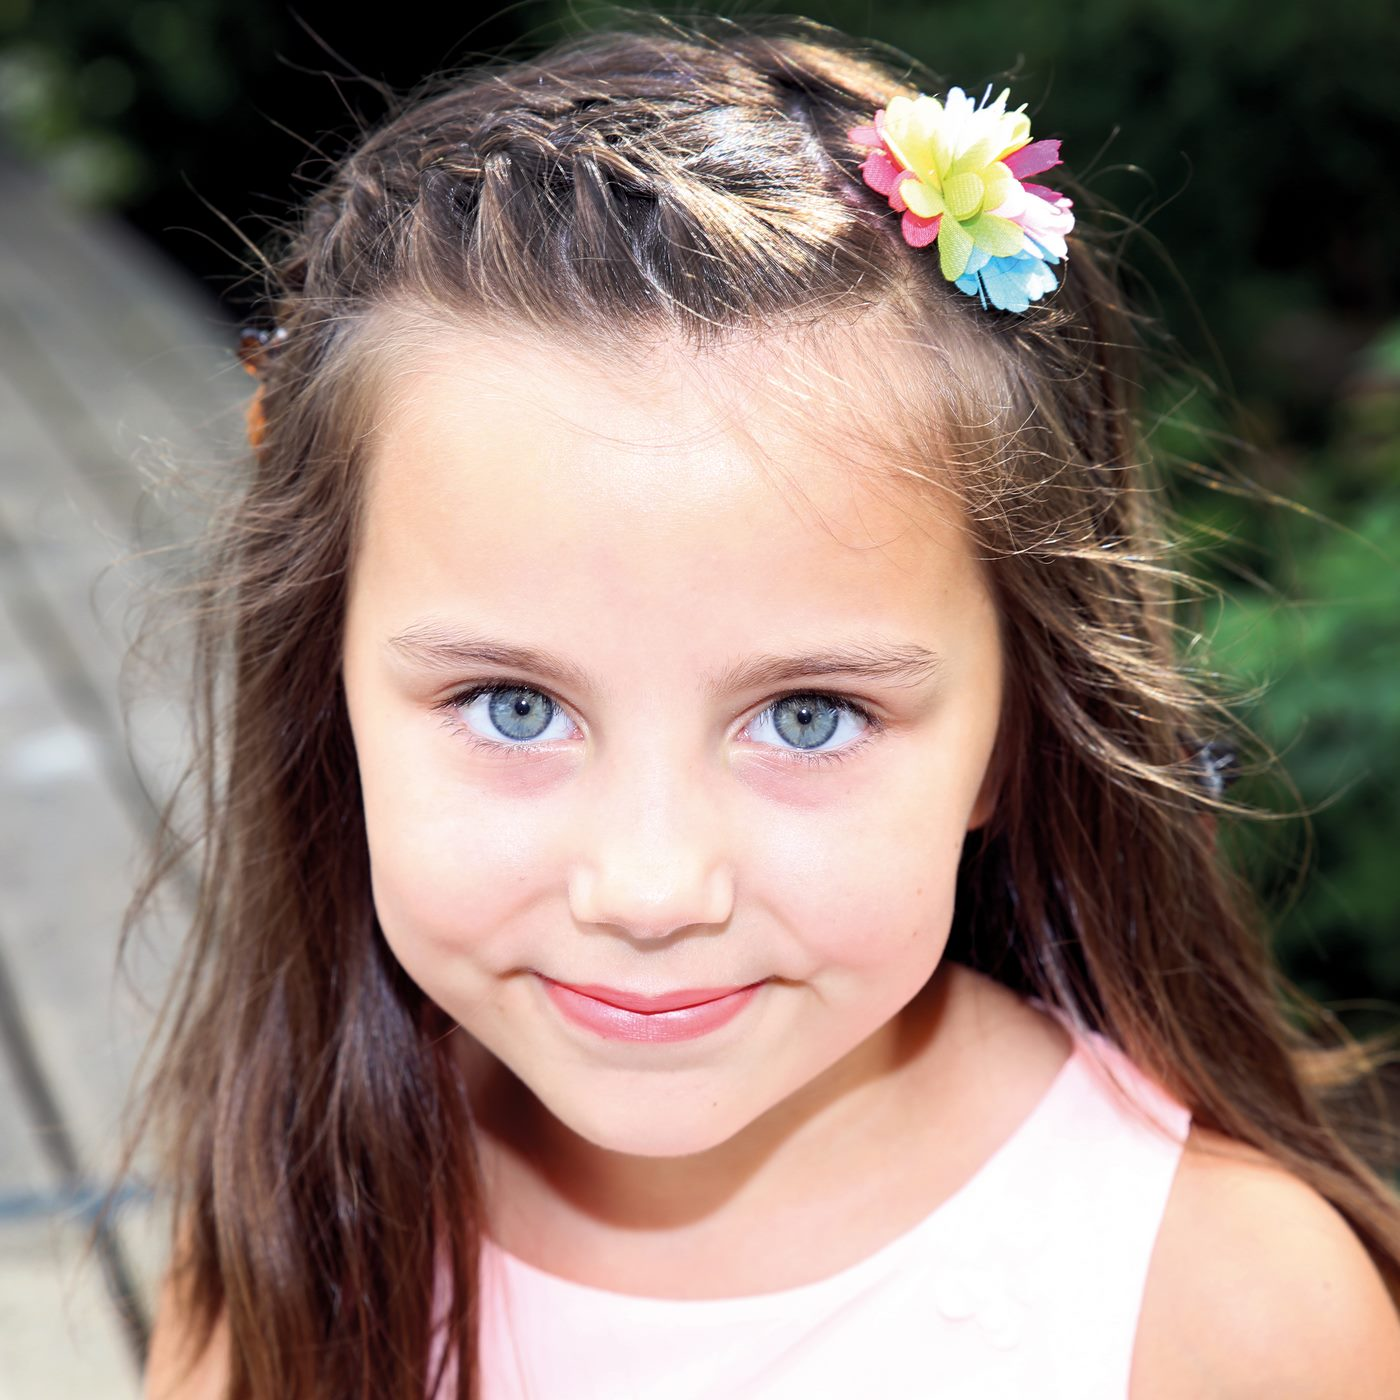 Mädchen mit strahlenden Augen und Blume im Haar fotografiert im Kindergarten